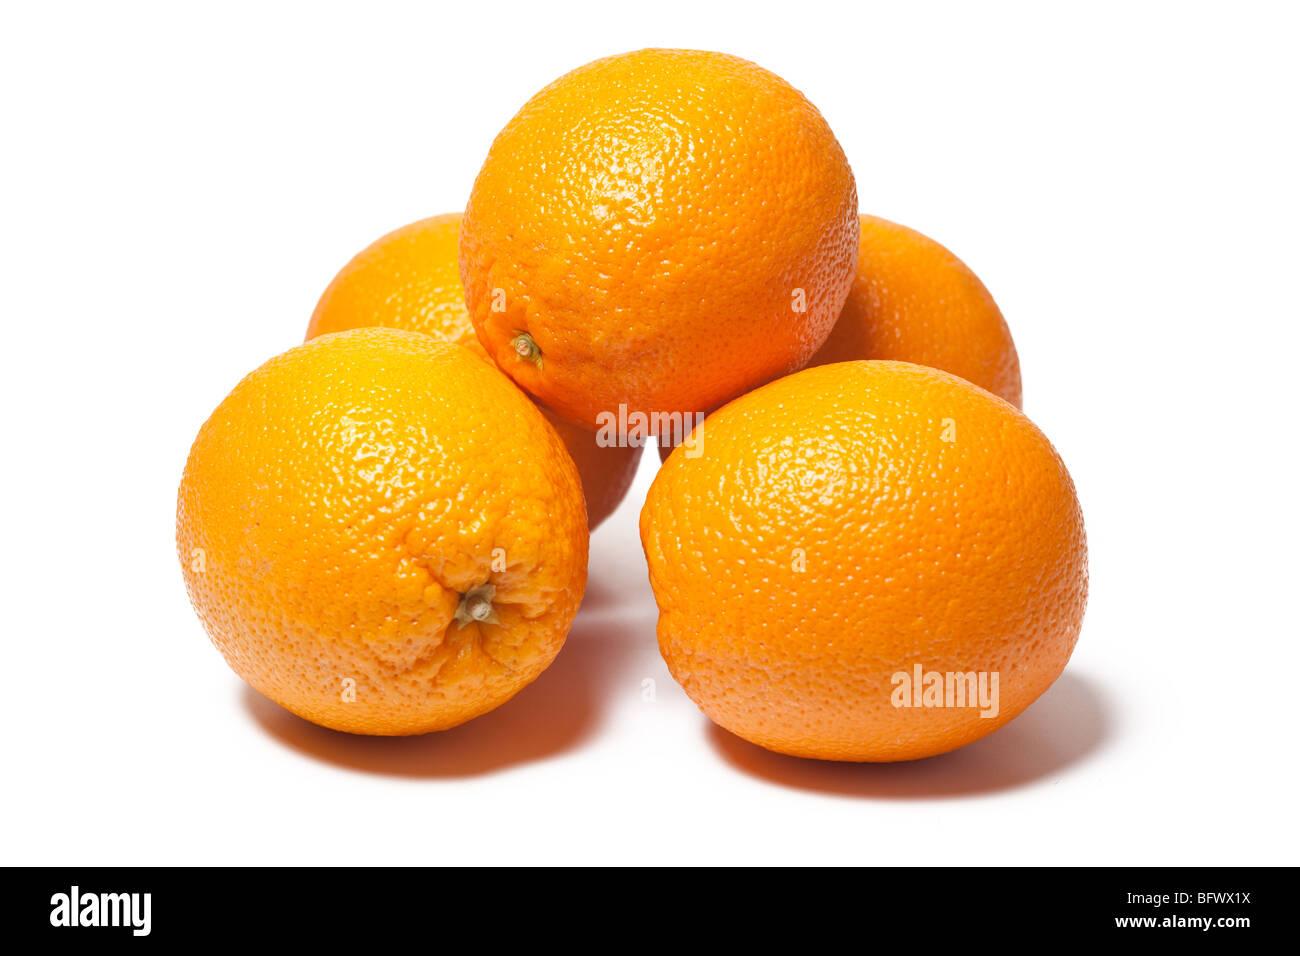 fresh oranges on white background - Stock Image